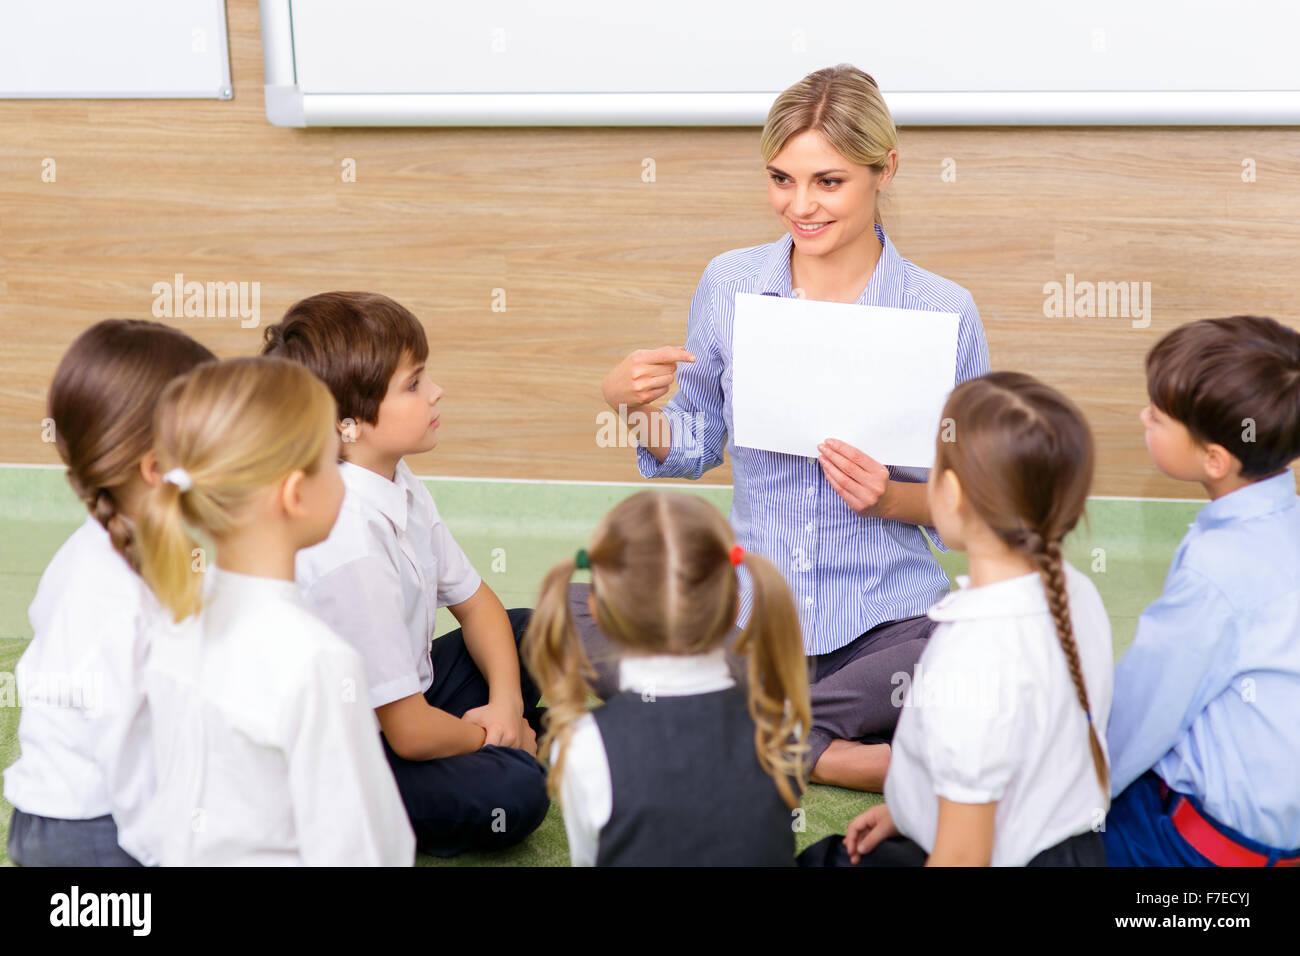 El profesor y los niños están sentados en círculo juntos. Imagen De Stock